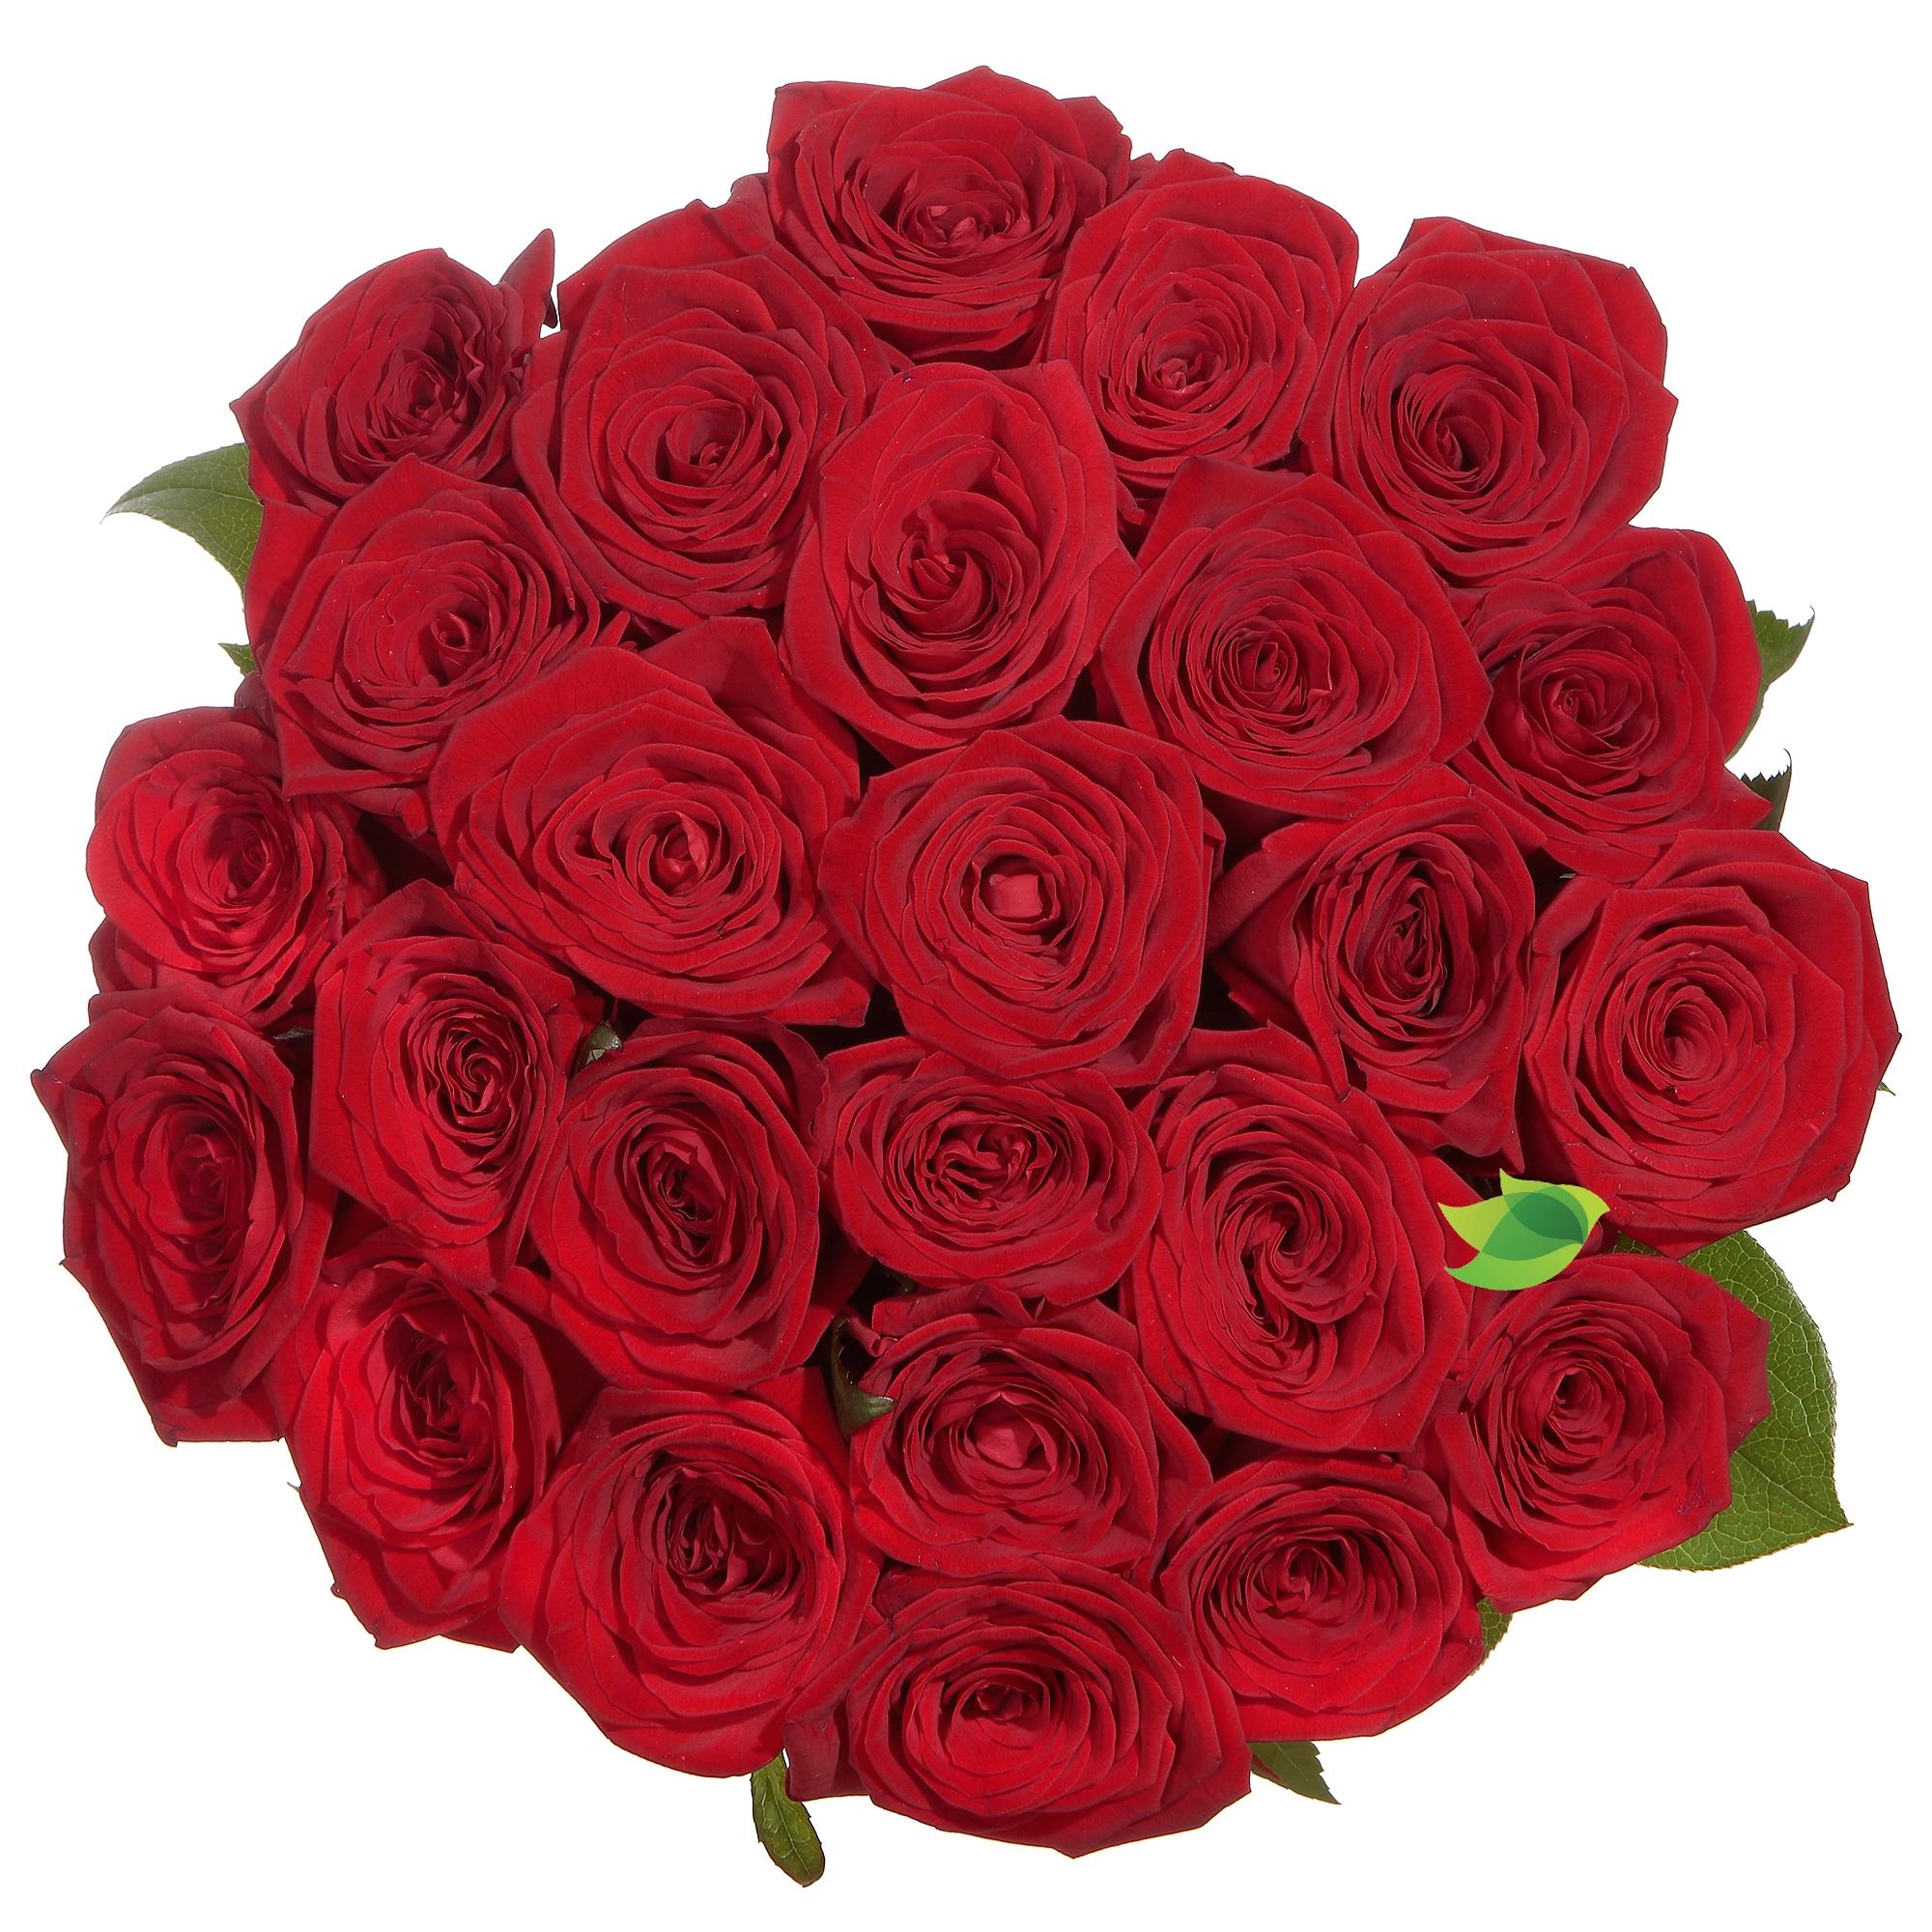 Фото букета: Букет бордовых роз